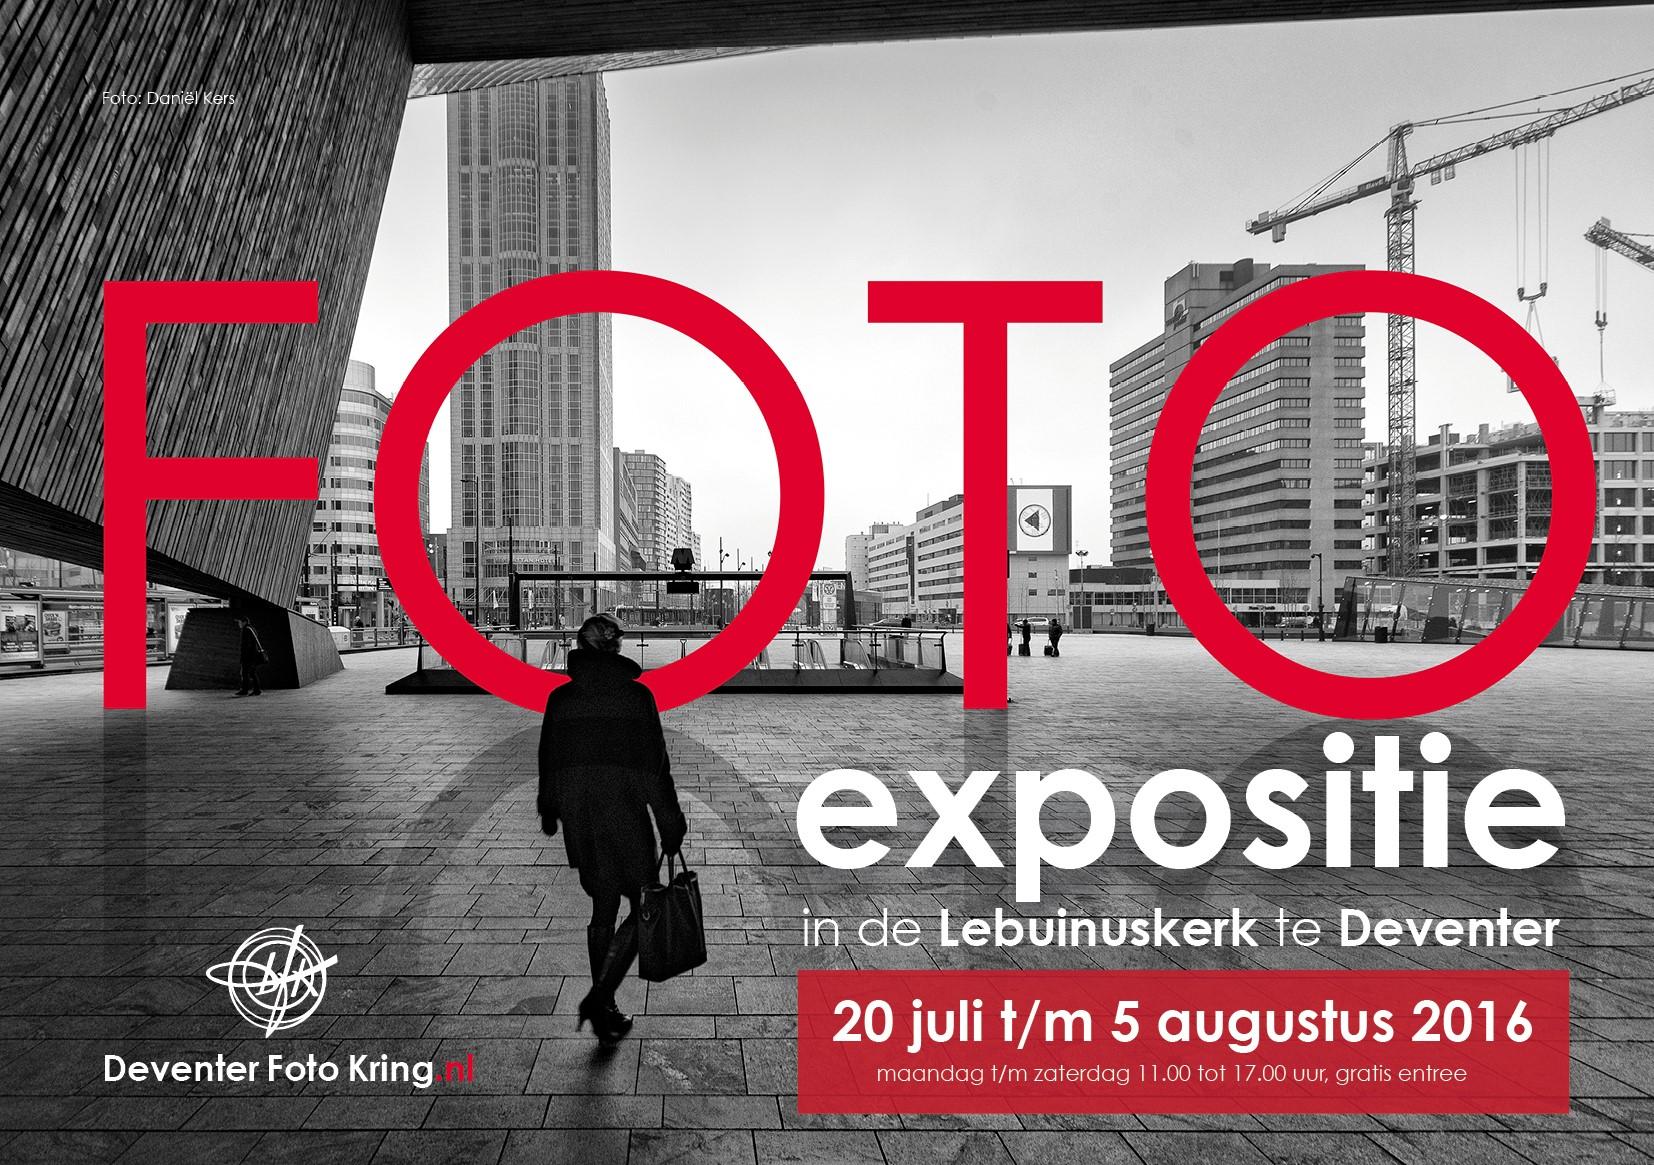 Expositie Deventer Foto Kring 2016